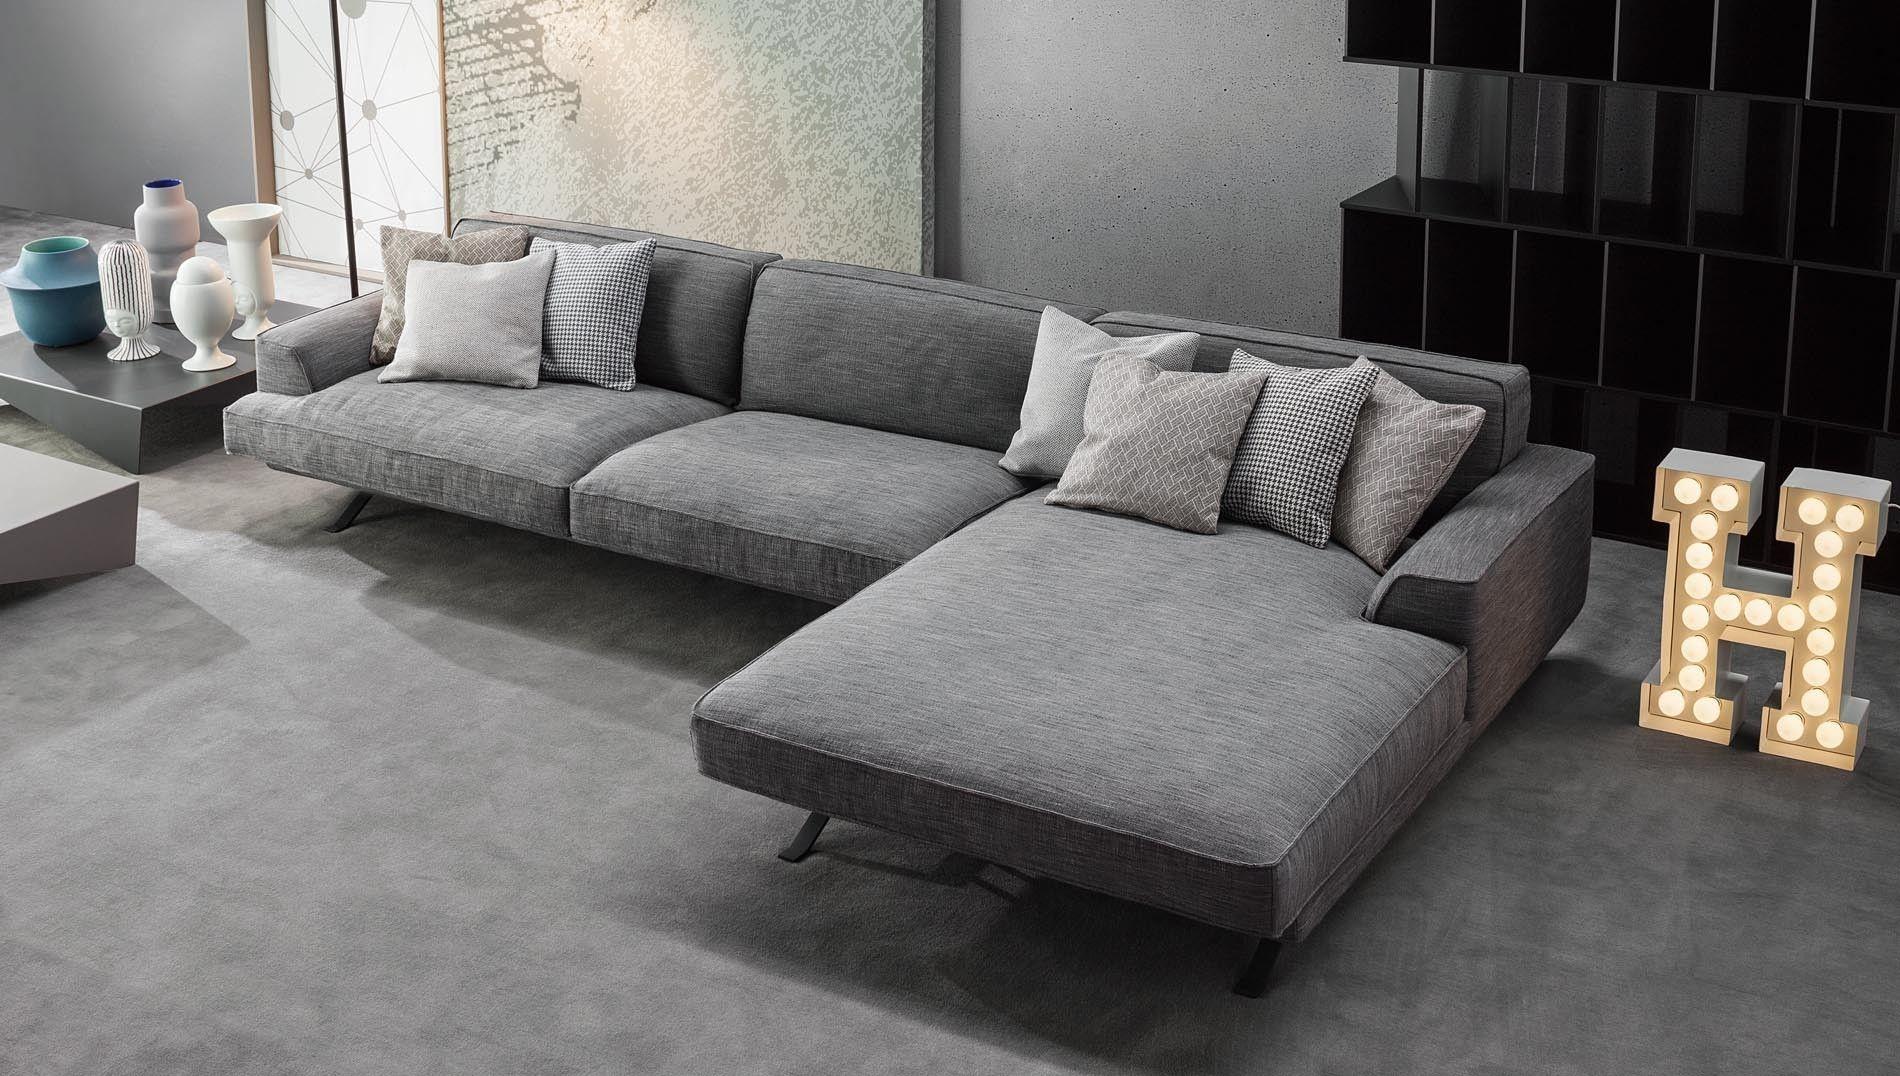 Bonaldo Slab Corner Sofa Buy Online At Luxdeco Sofa Design